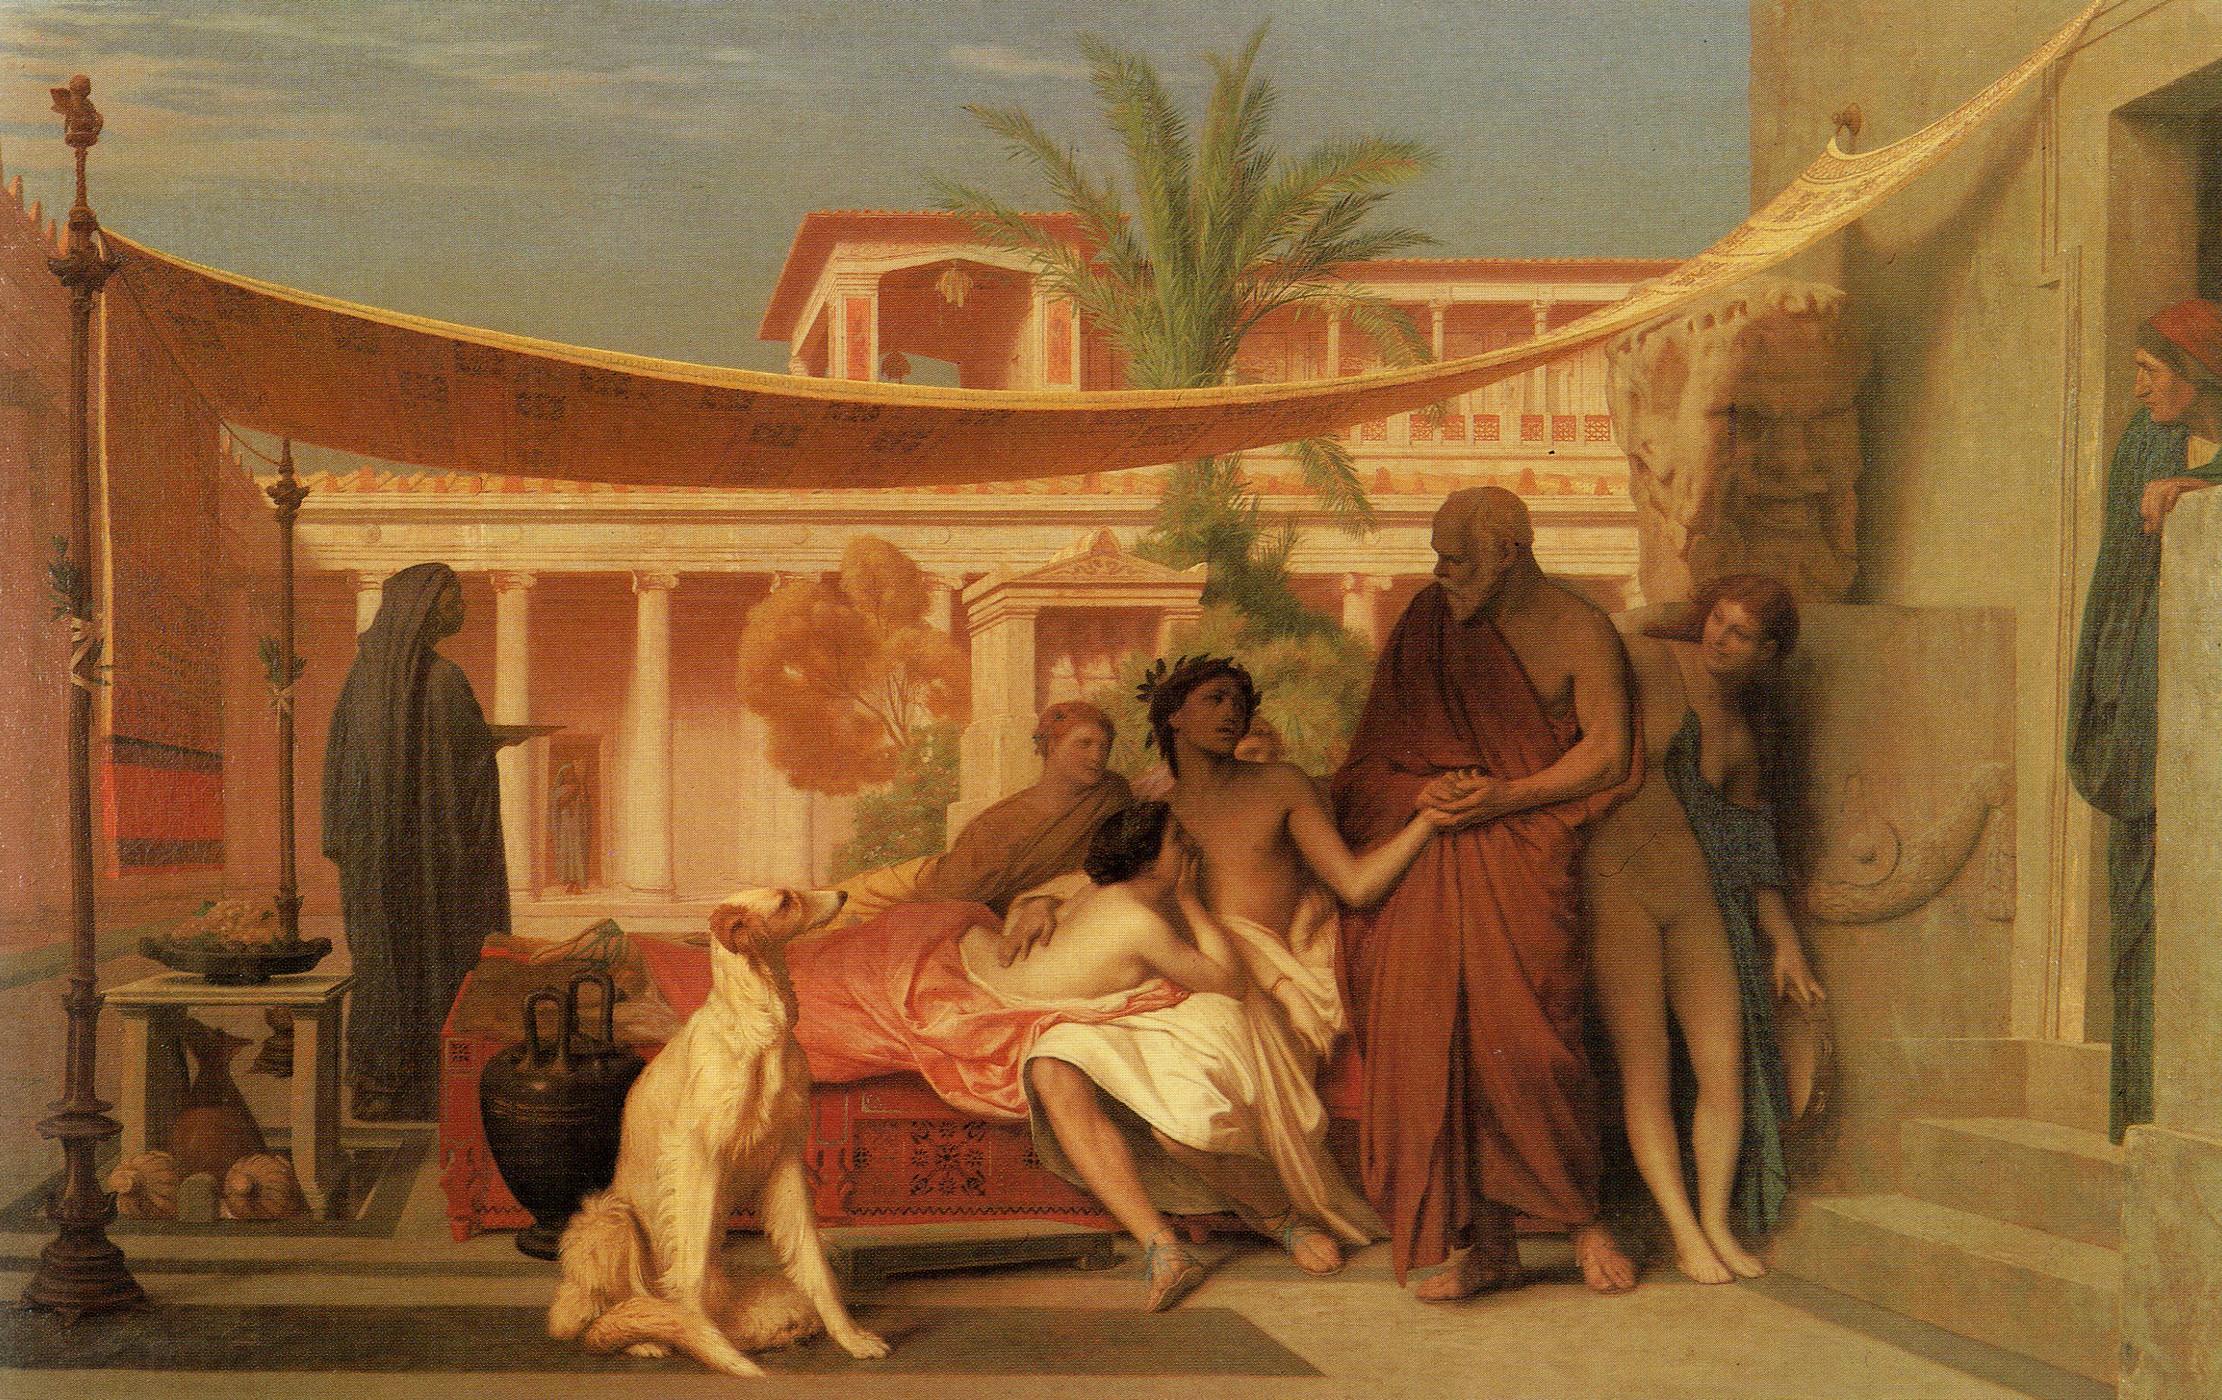 prostitutas trabajando prostitutas del siglo xvi